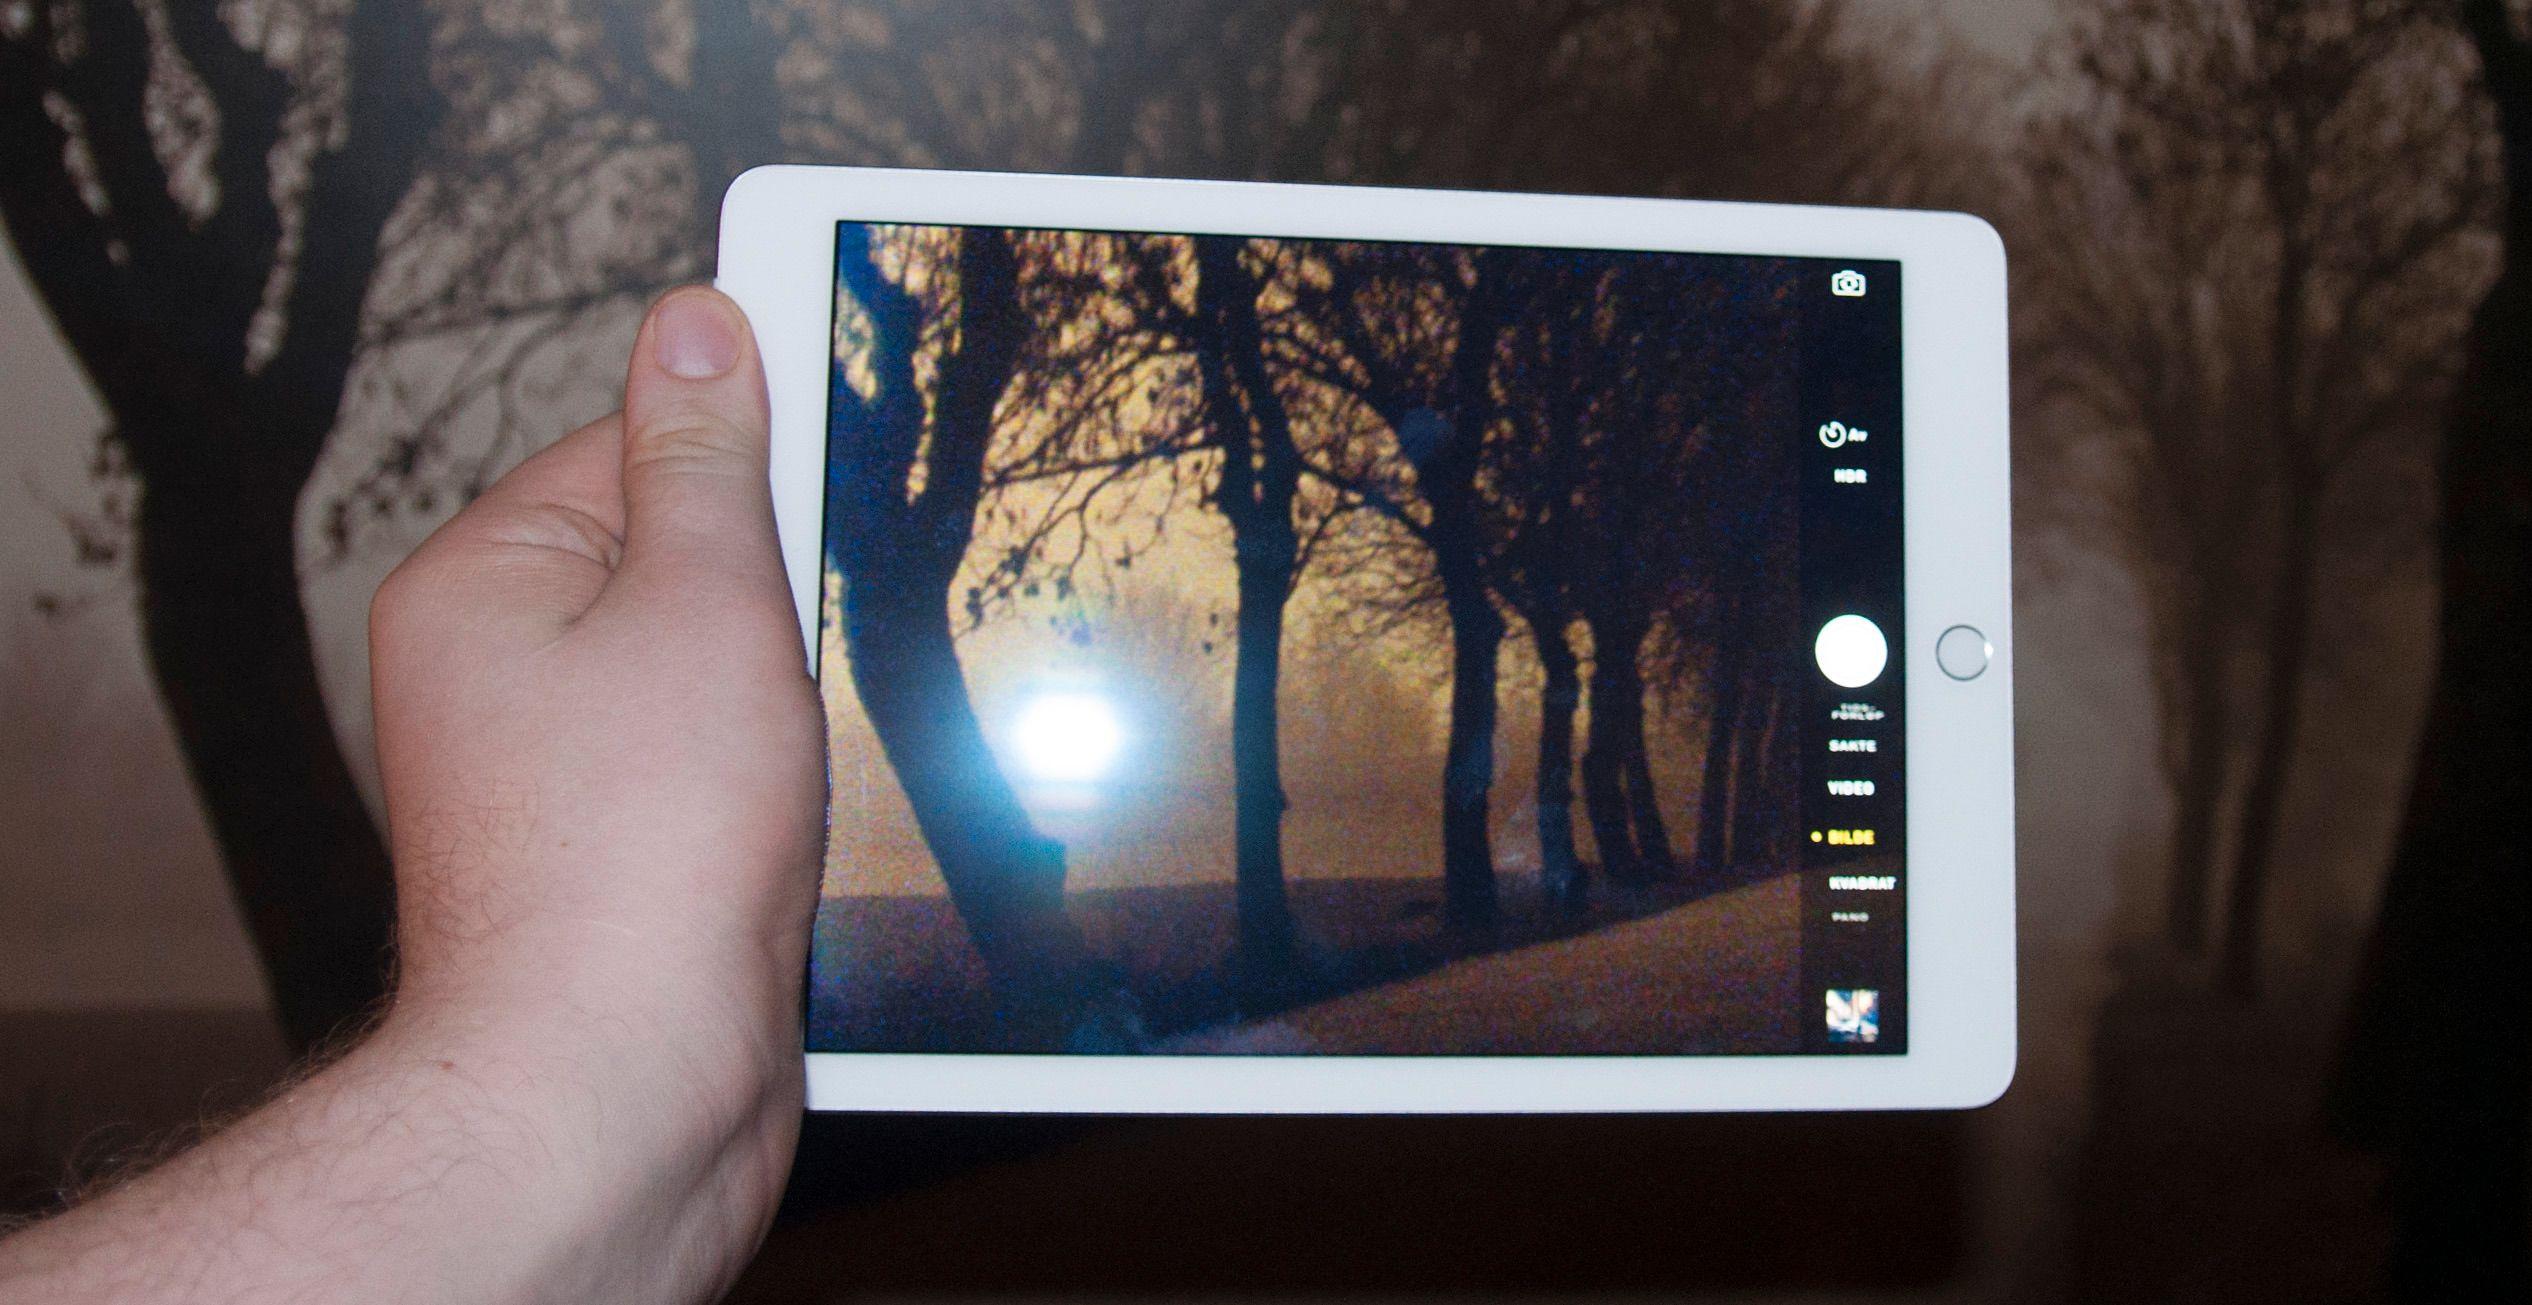 Selv om Apple lover bedre bilder fra iPad Air 2, sliter vi med å se for oss nettbrettkameraet som noe mer enn en nødløsning.Foto: Finn Jarle Kvalheim, Tek.no